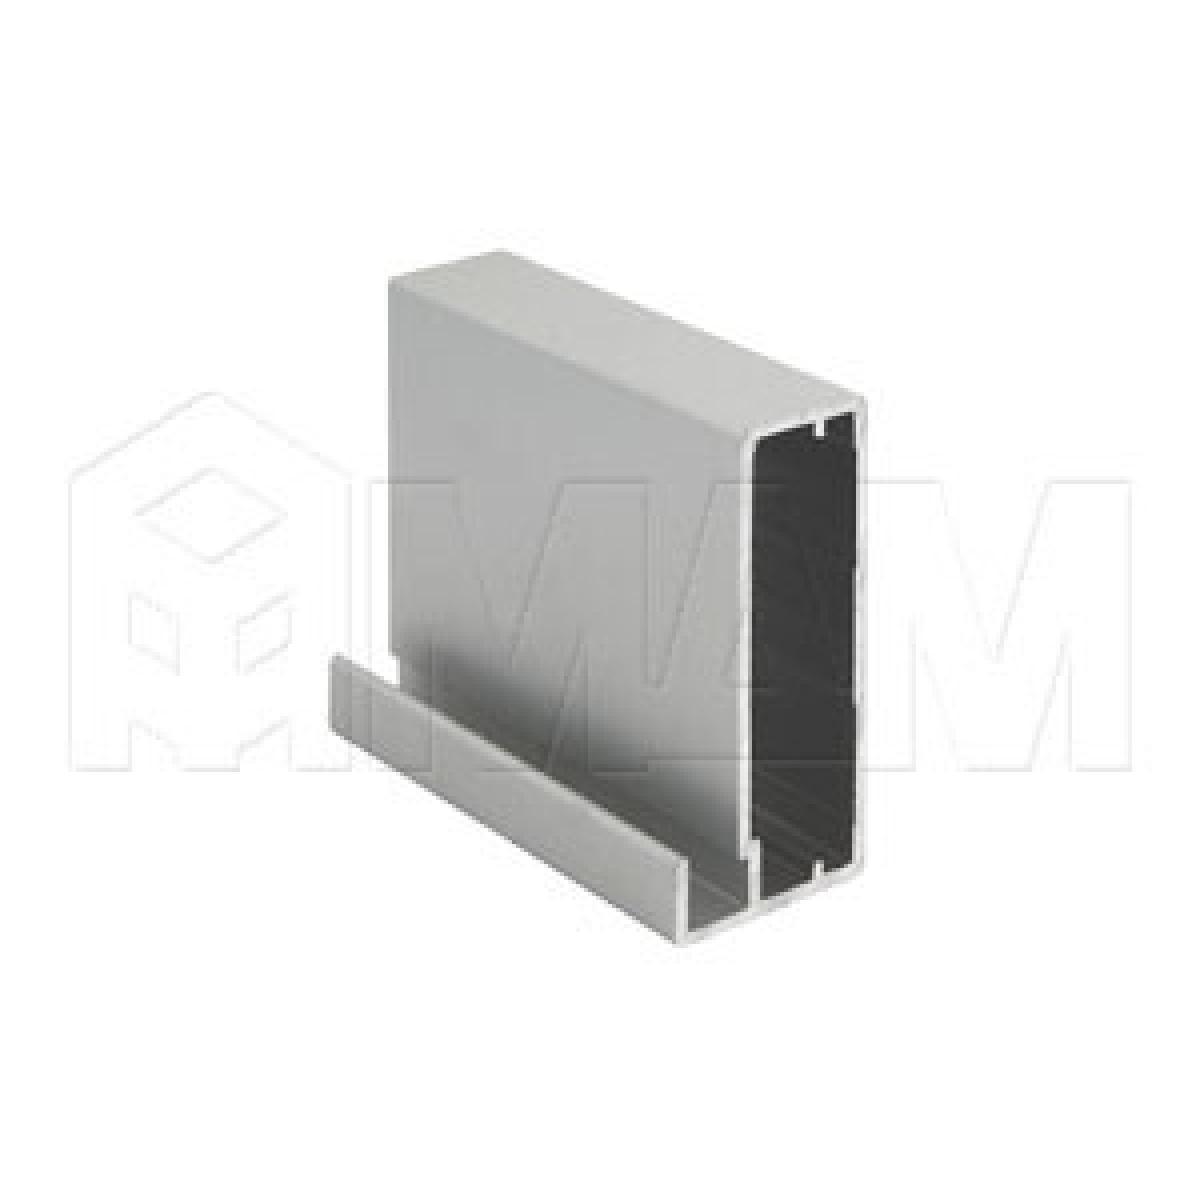 INTEGRO Профиль рамочный широкий, 45х20х8, серебро, L-6000